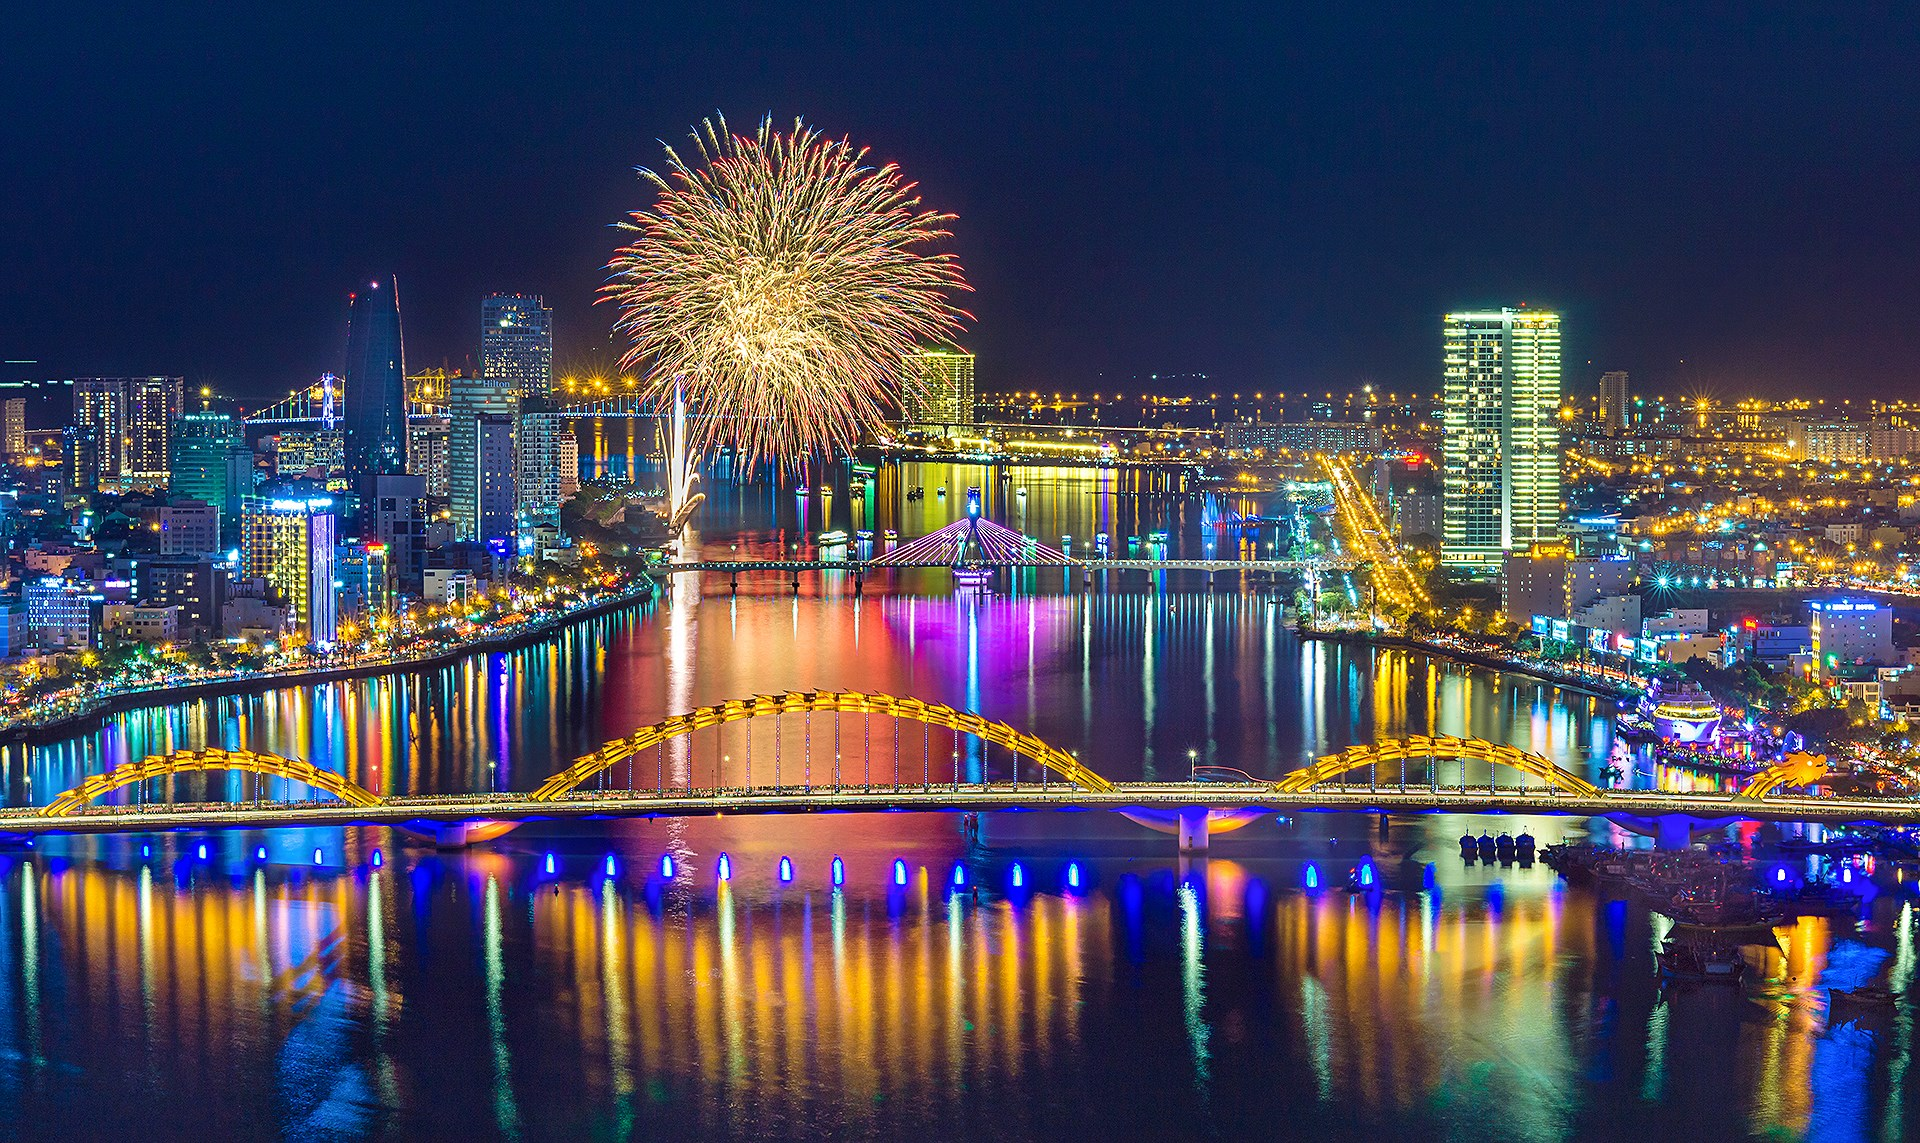 Hình ảnh đẹp nhất về Đà Nẵng